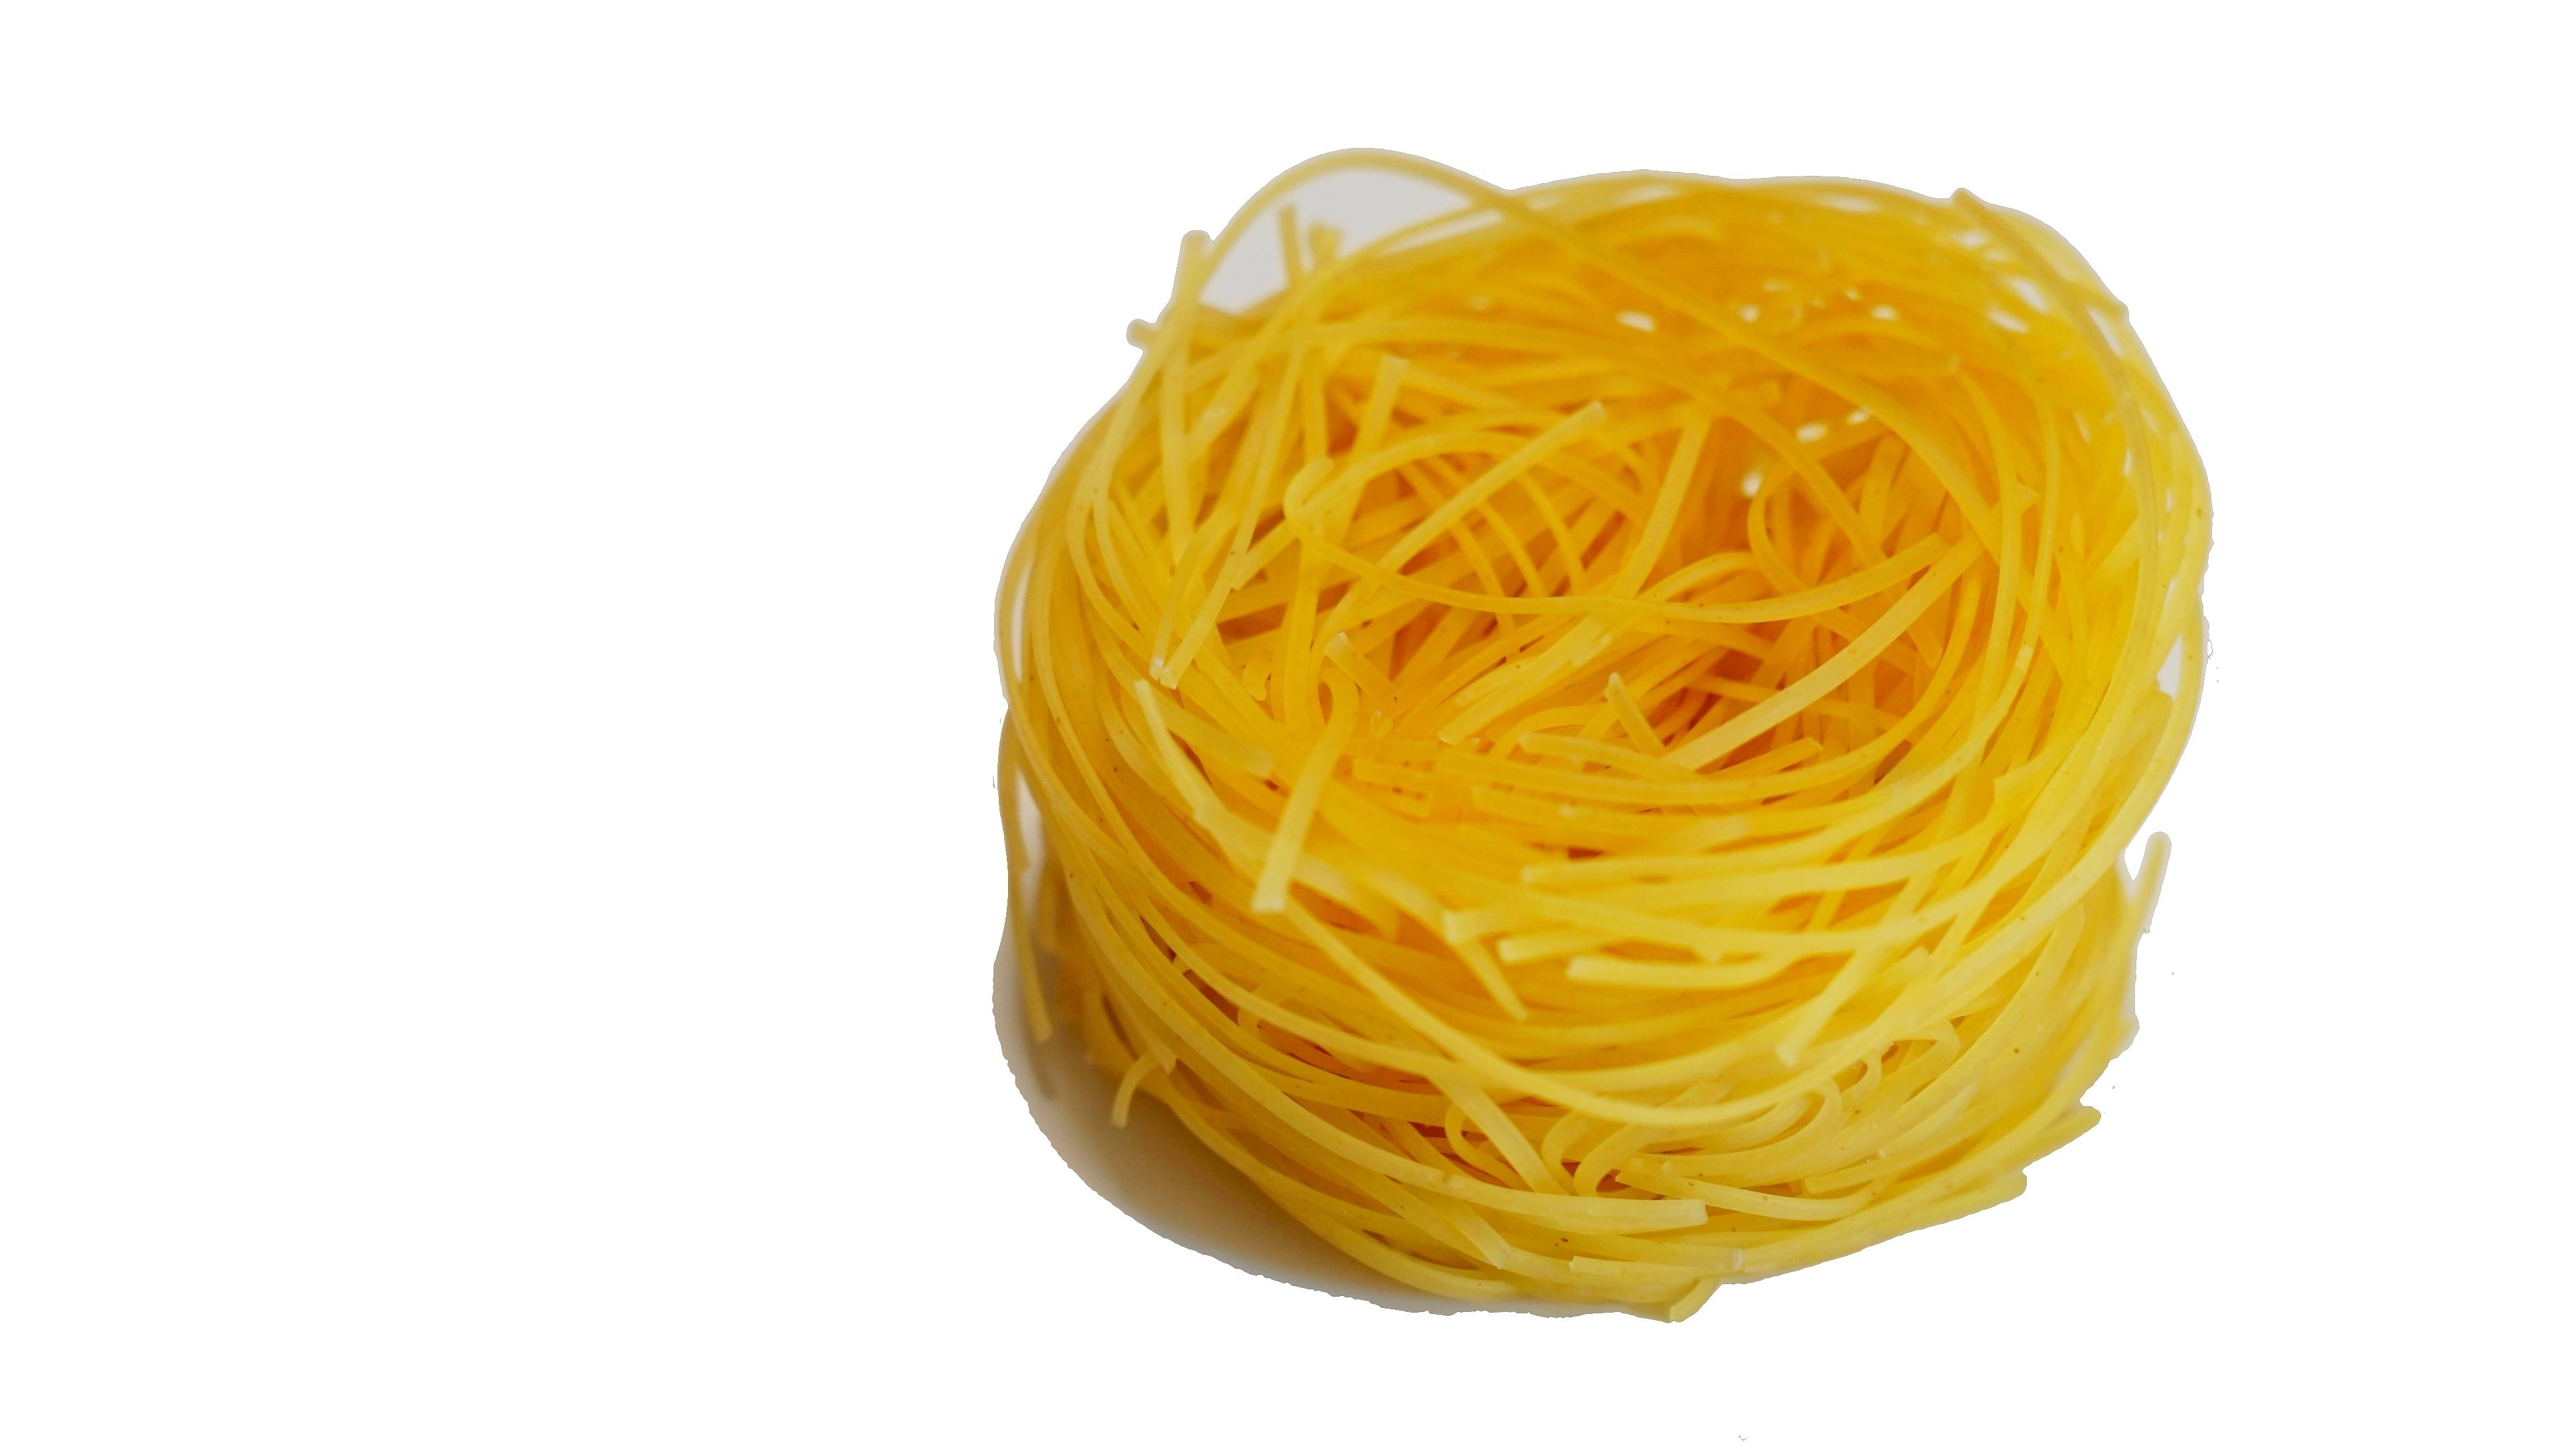 タリオリーニ(パスタ麺の種類)